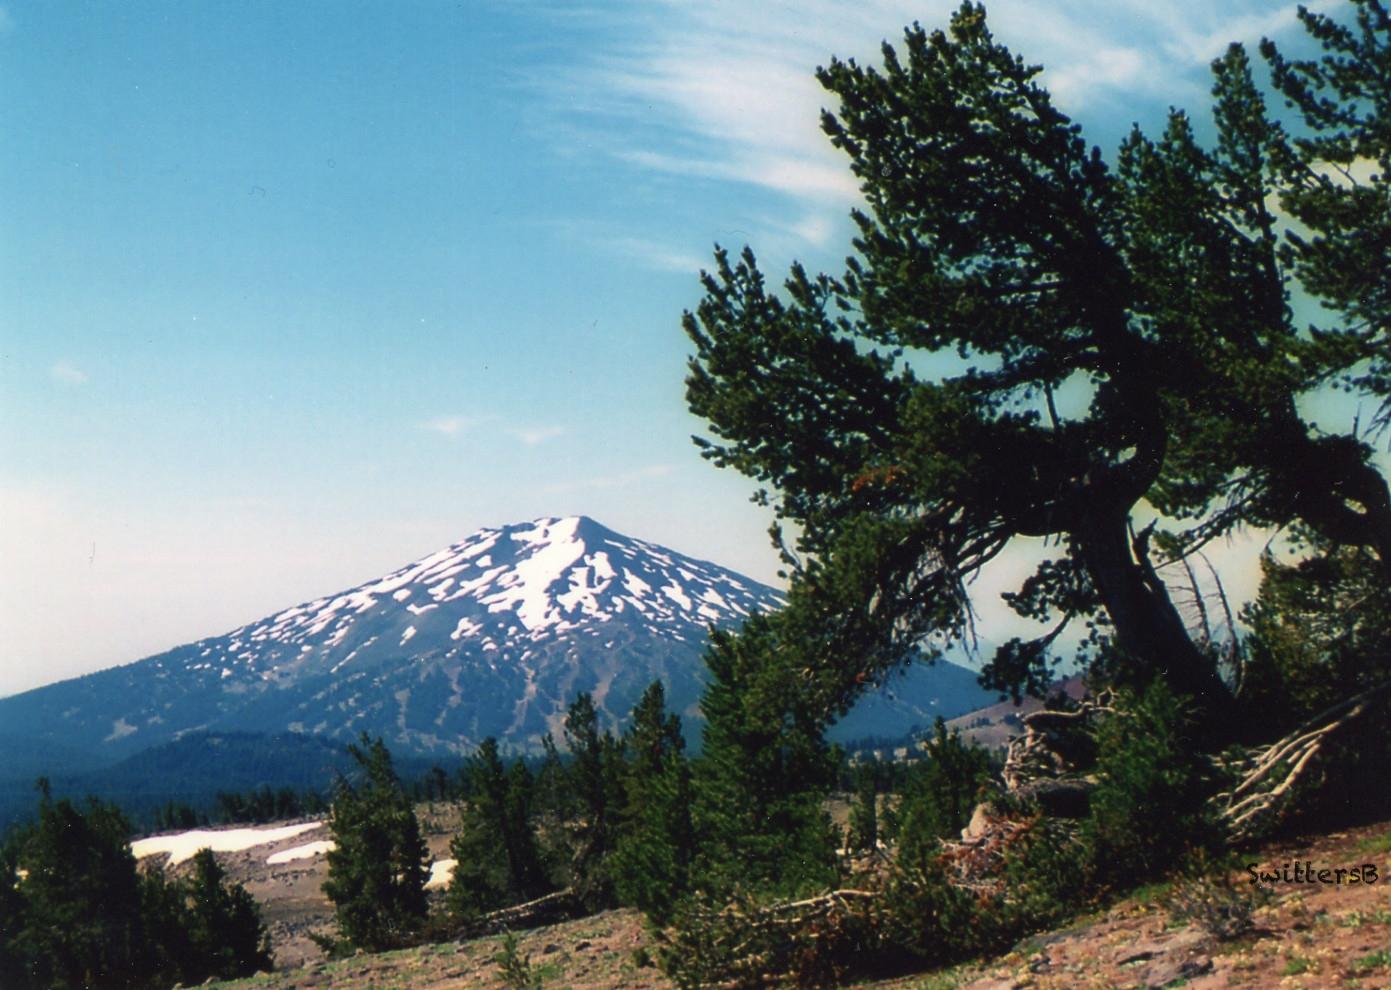 Black Butte-Oregon-1996-SwittersB